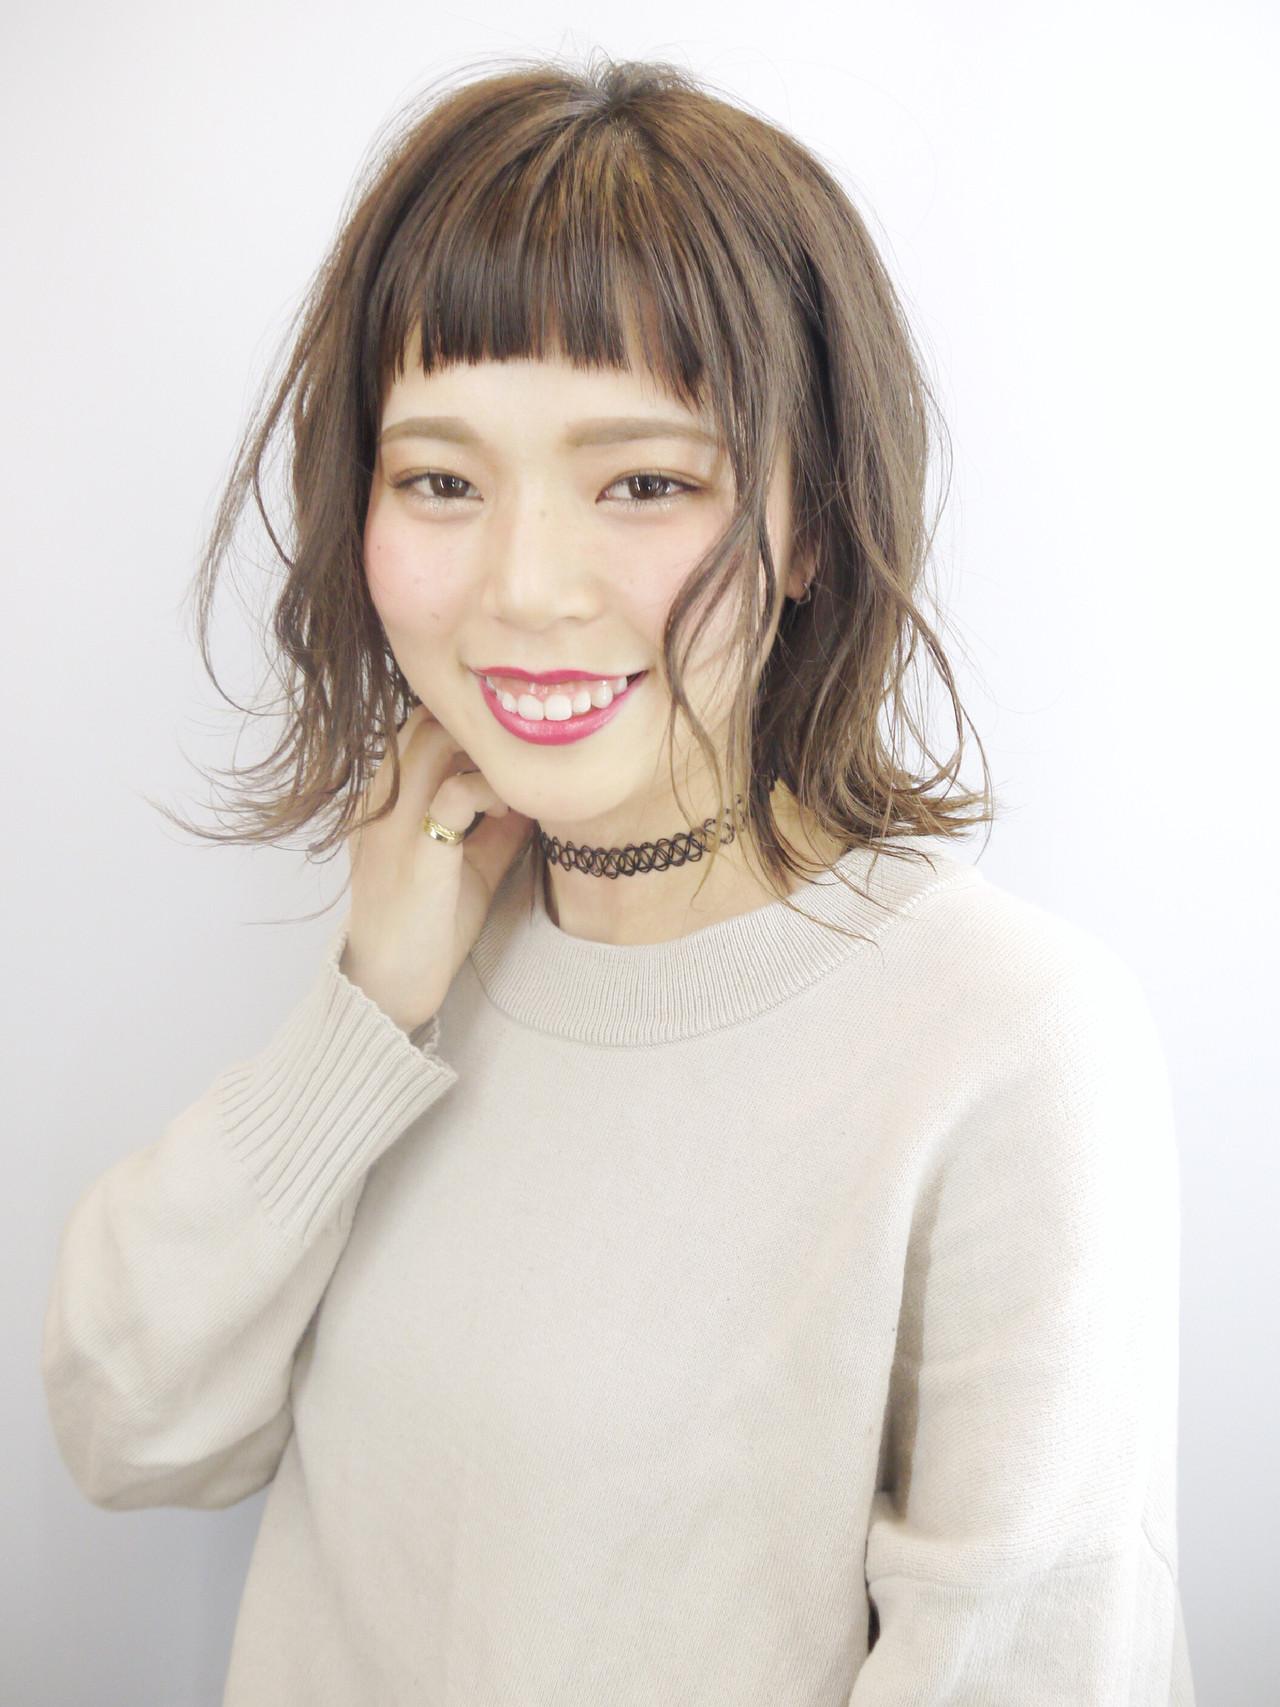 デート アンニュイほつれヘア フェミニン ウェーブ ヘアスタイルや髪型の写真・画像 | Hiroさん / H+by Airsalon